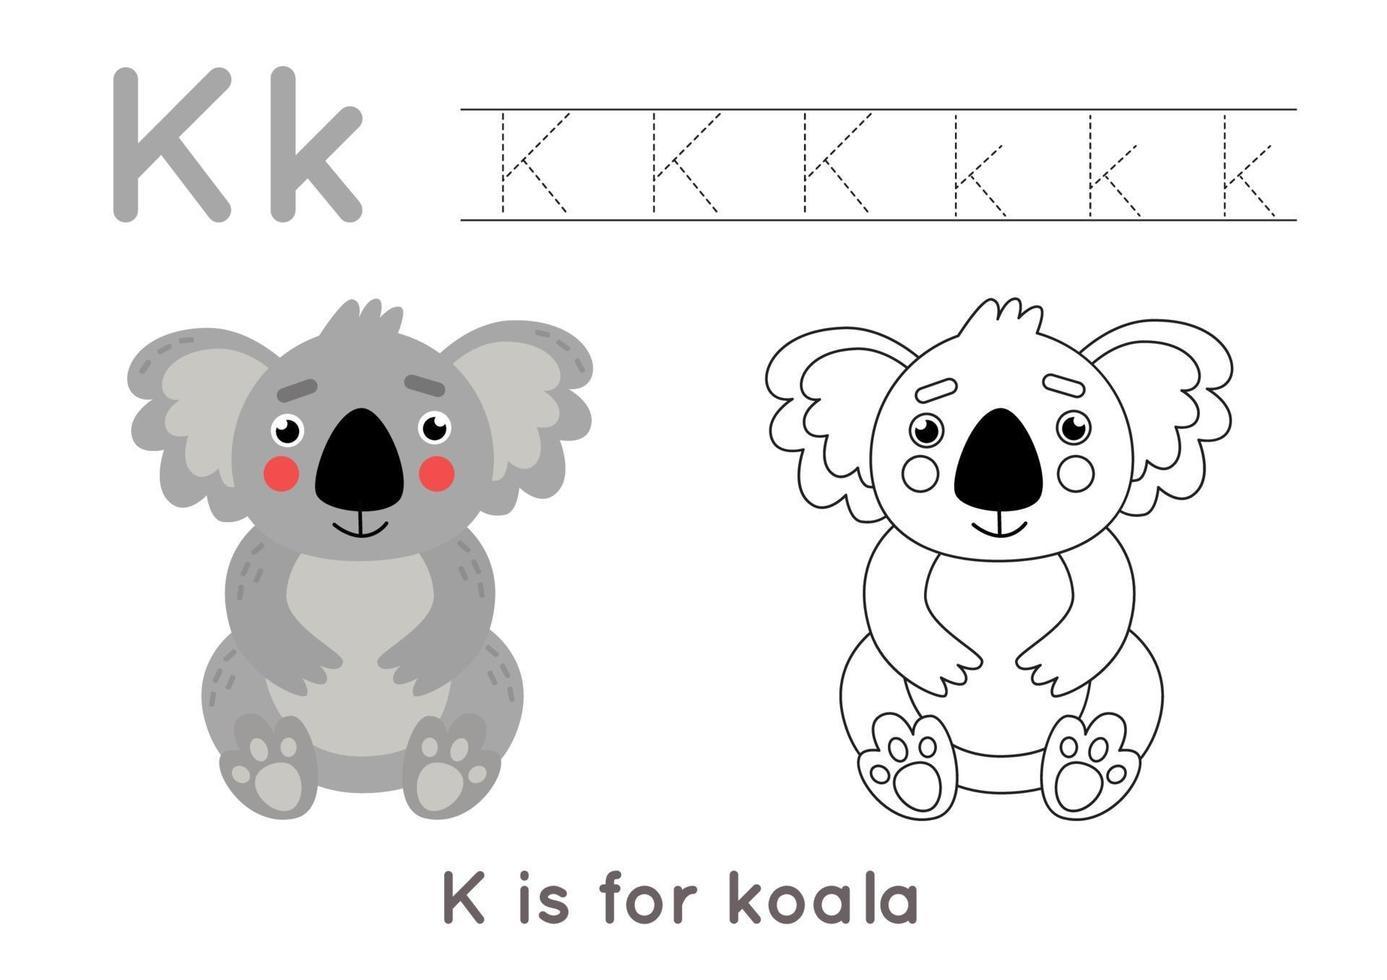 Página para colorear y calcar con la letra k y un lindo koala de dibujos animados. vector